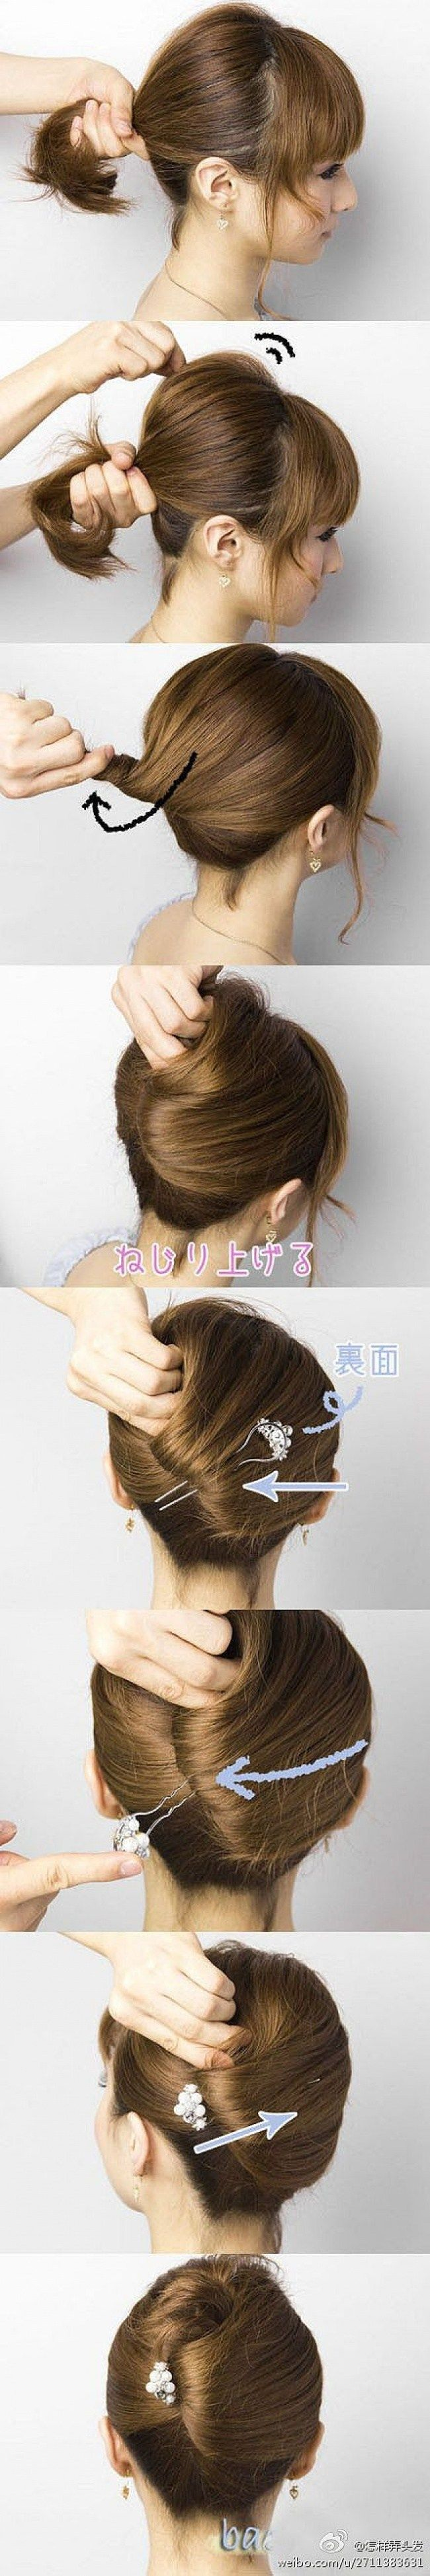 Peinados para mujer de cabello rizado encantadores